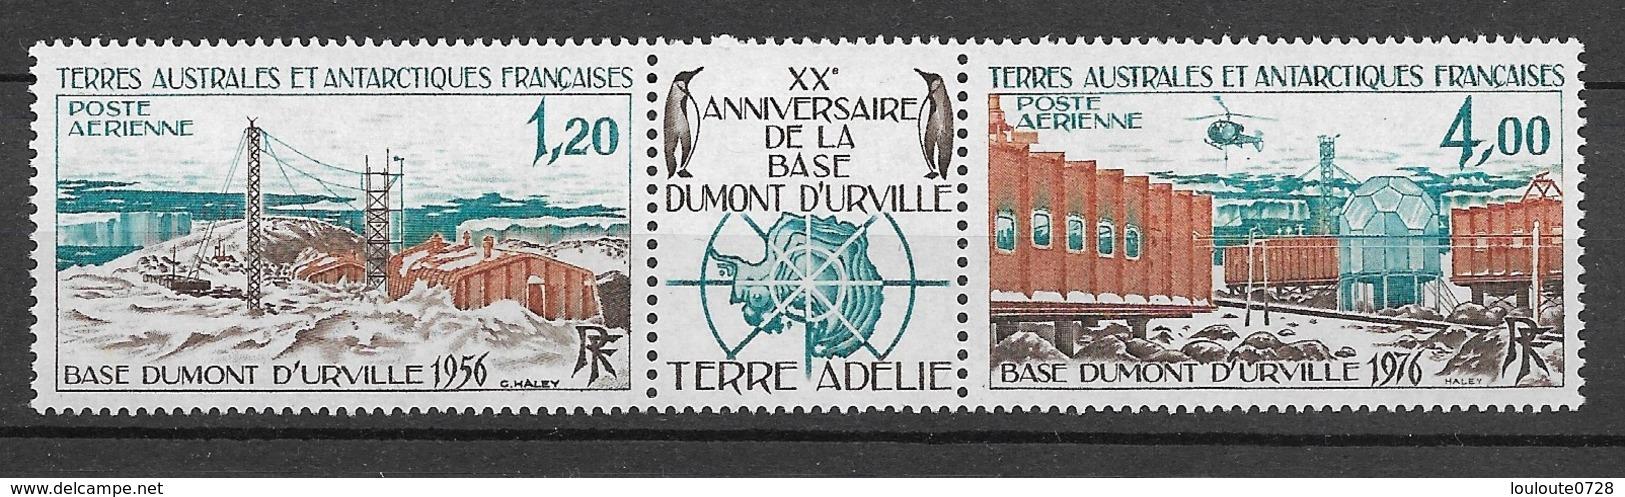 TAAF 1976 Poste Aérienne N° 43A  Triptyque  N * * Luxe  TTB - Französische Süd- Und Antarktisgebiete (TAAF)